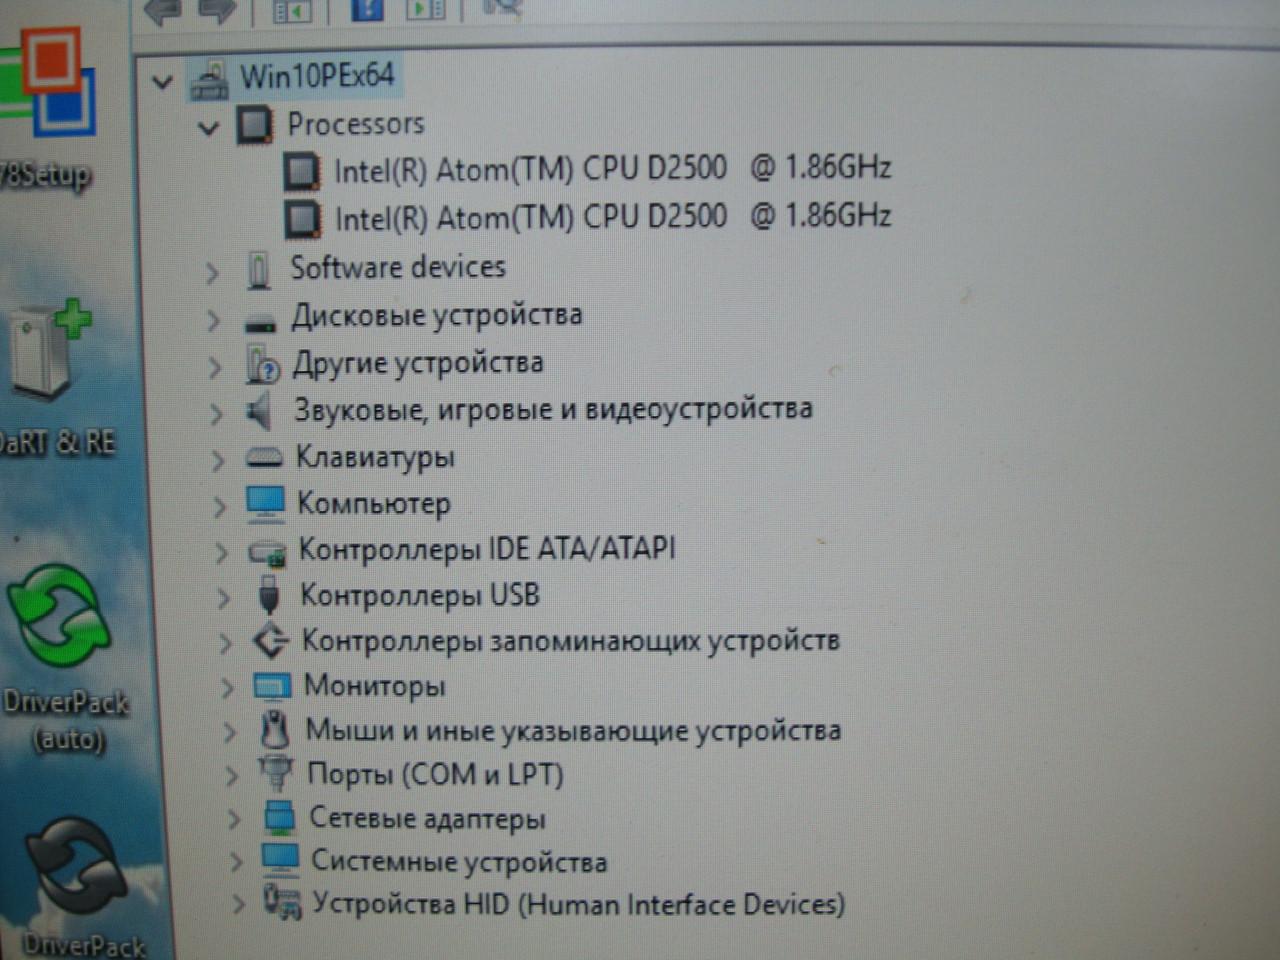 Б/У мини пк Patriot Optim mini (rim 2000)